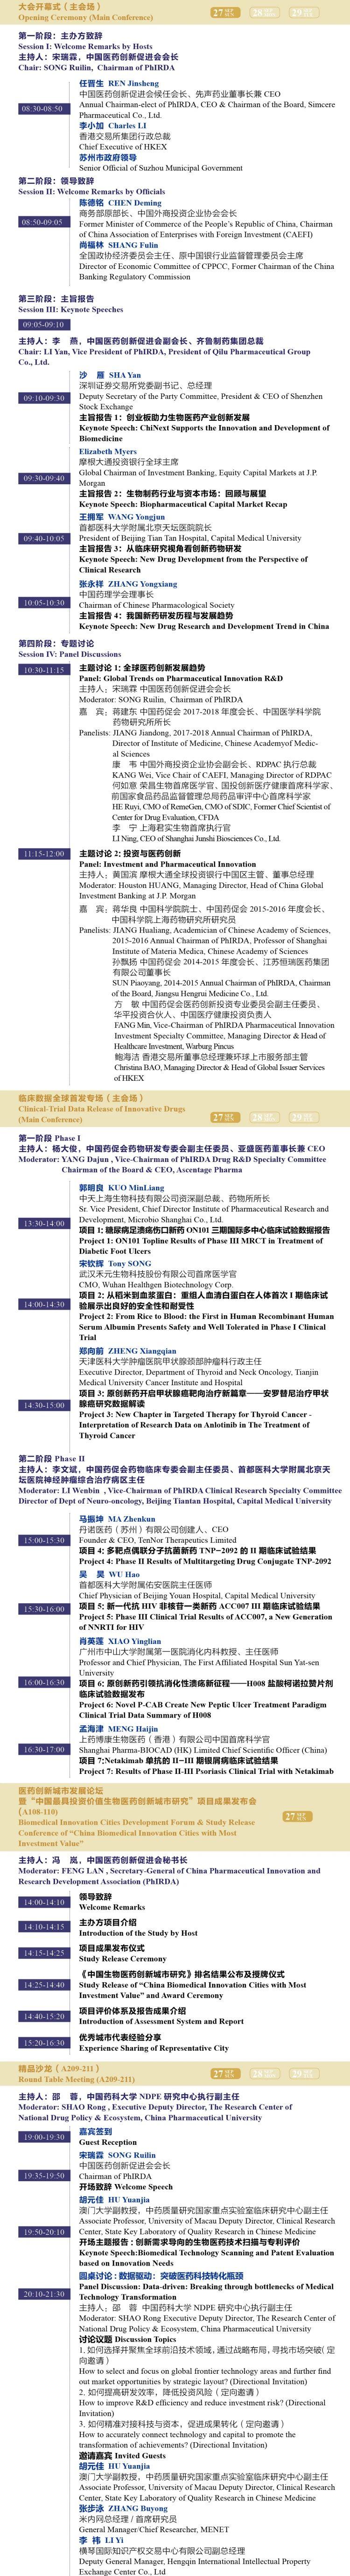 终版日程丨第五届中国医药创新与投资大会 9月27日 重磅嘉宾同聚苏州 邀您共享巅峰盛会